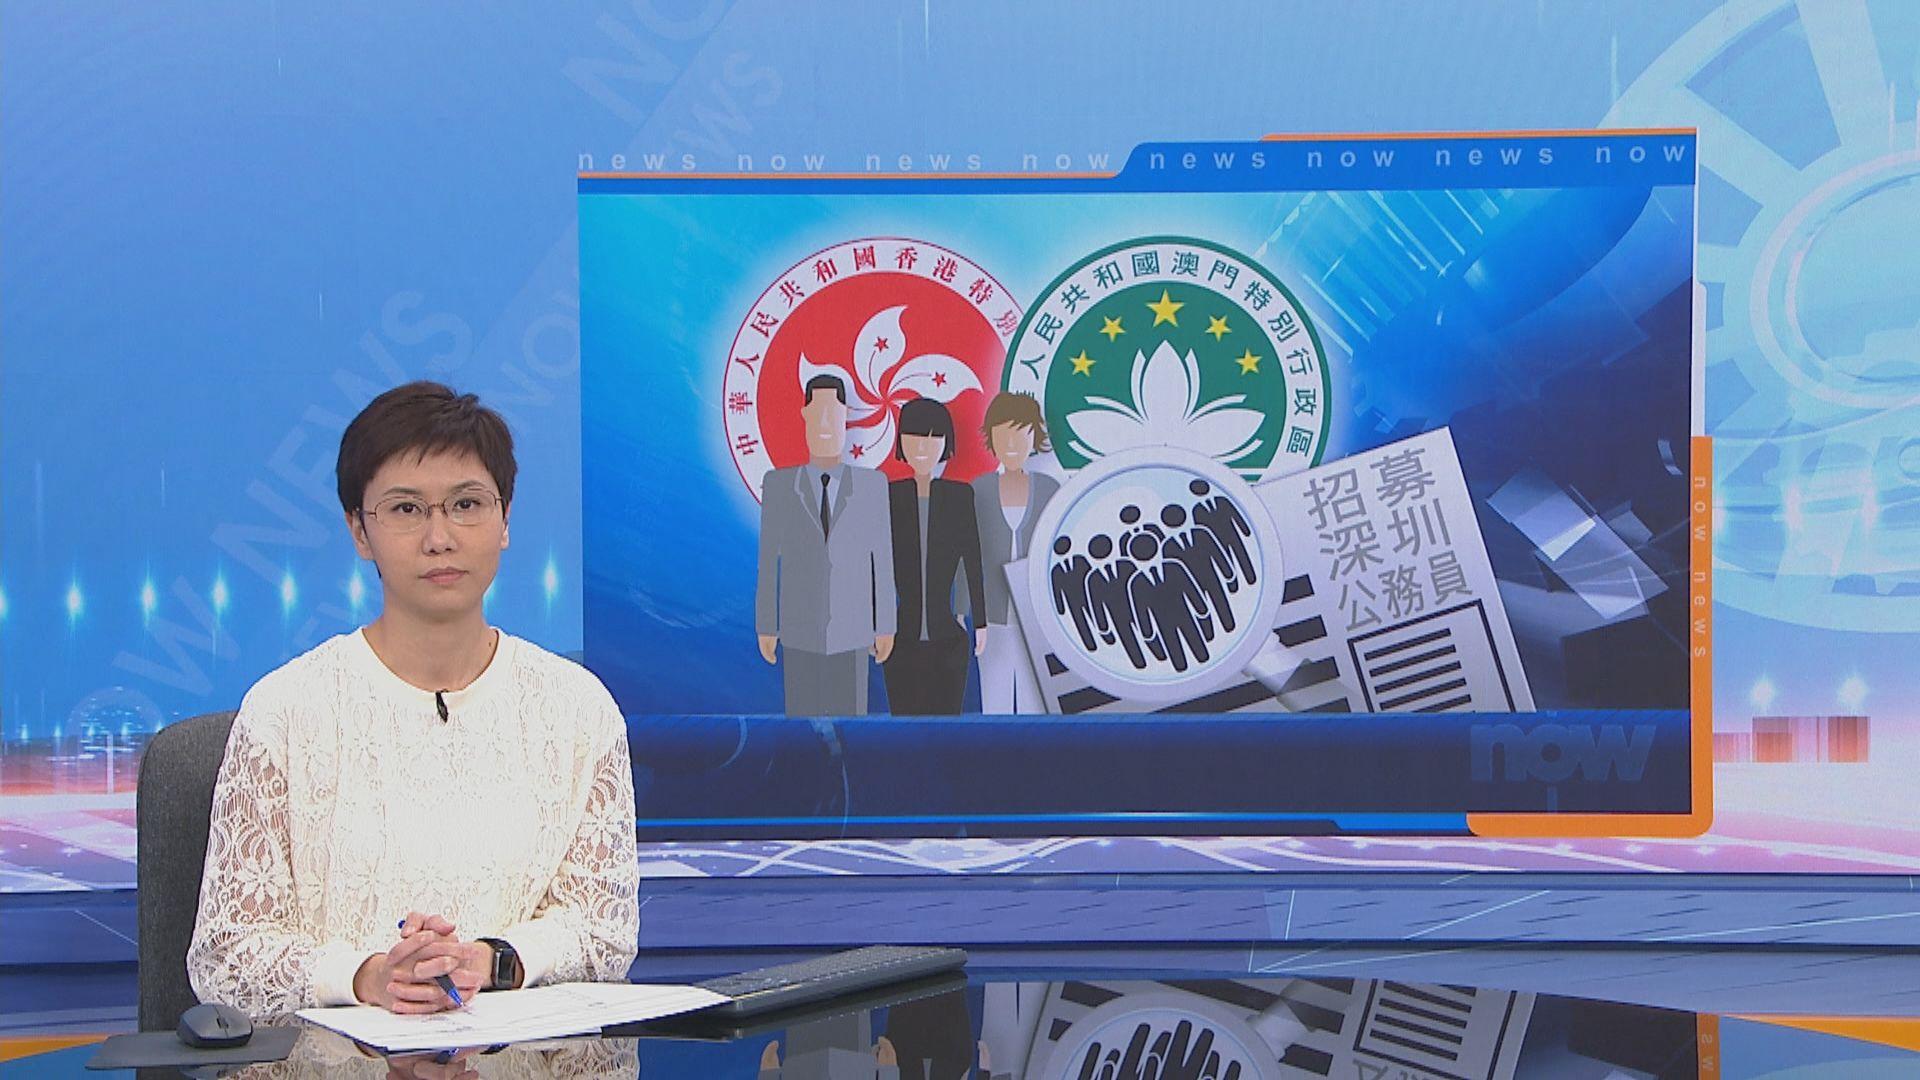 深圳公務員首次招聘港澳人士 446人爭5職位